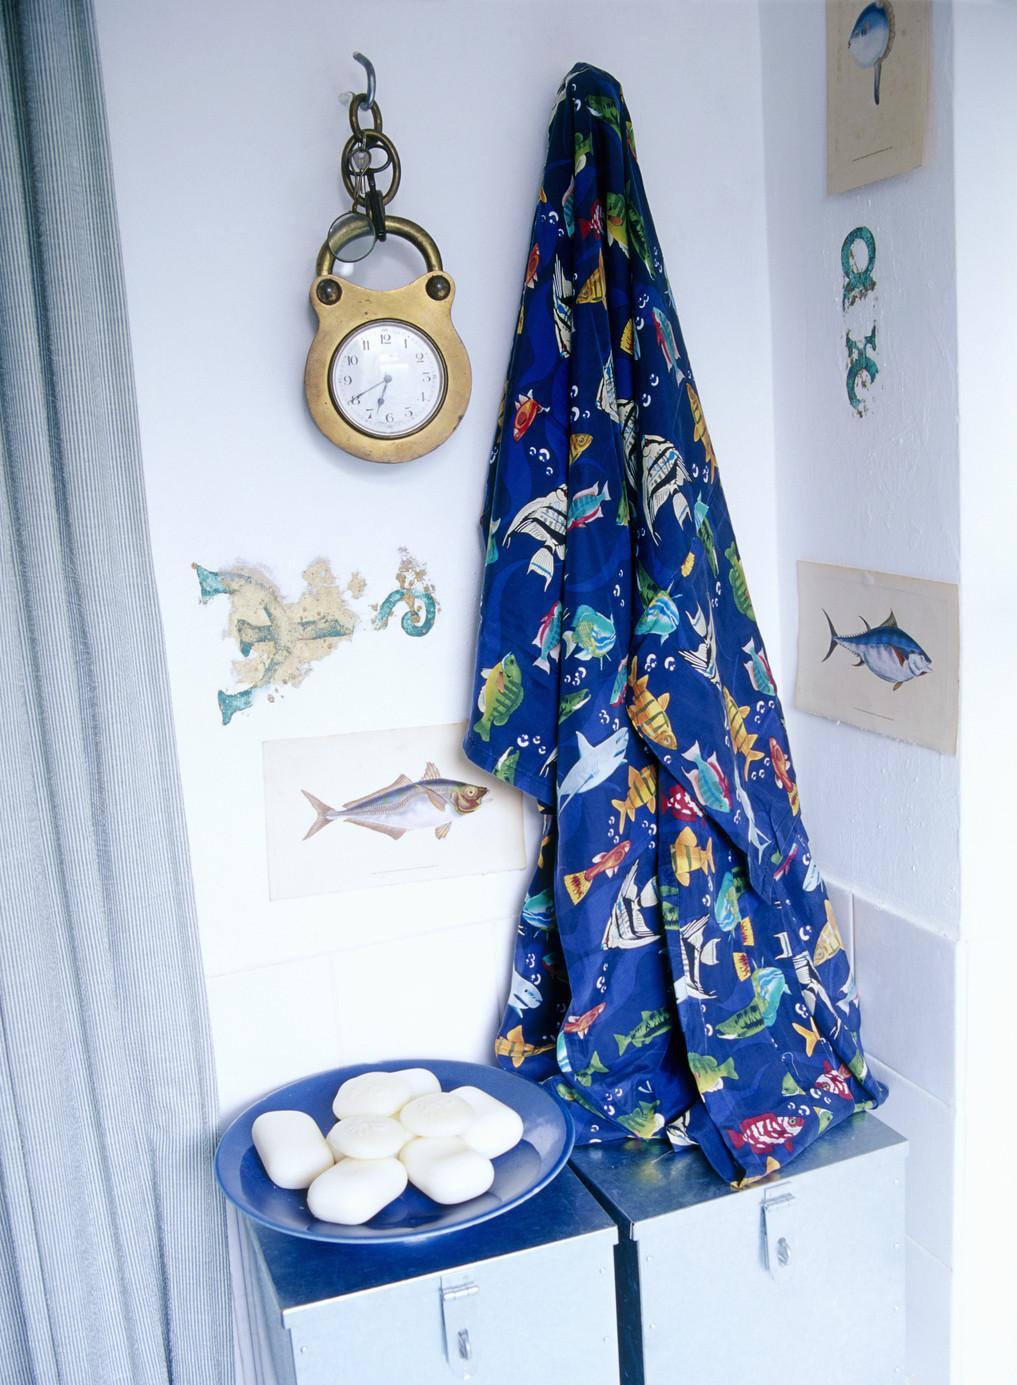 Морской декор в ванной